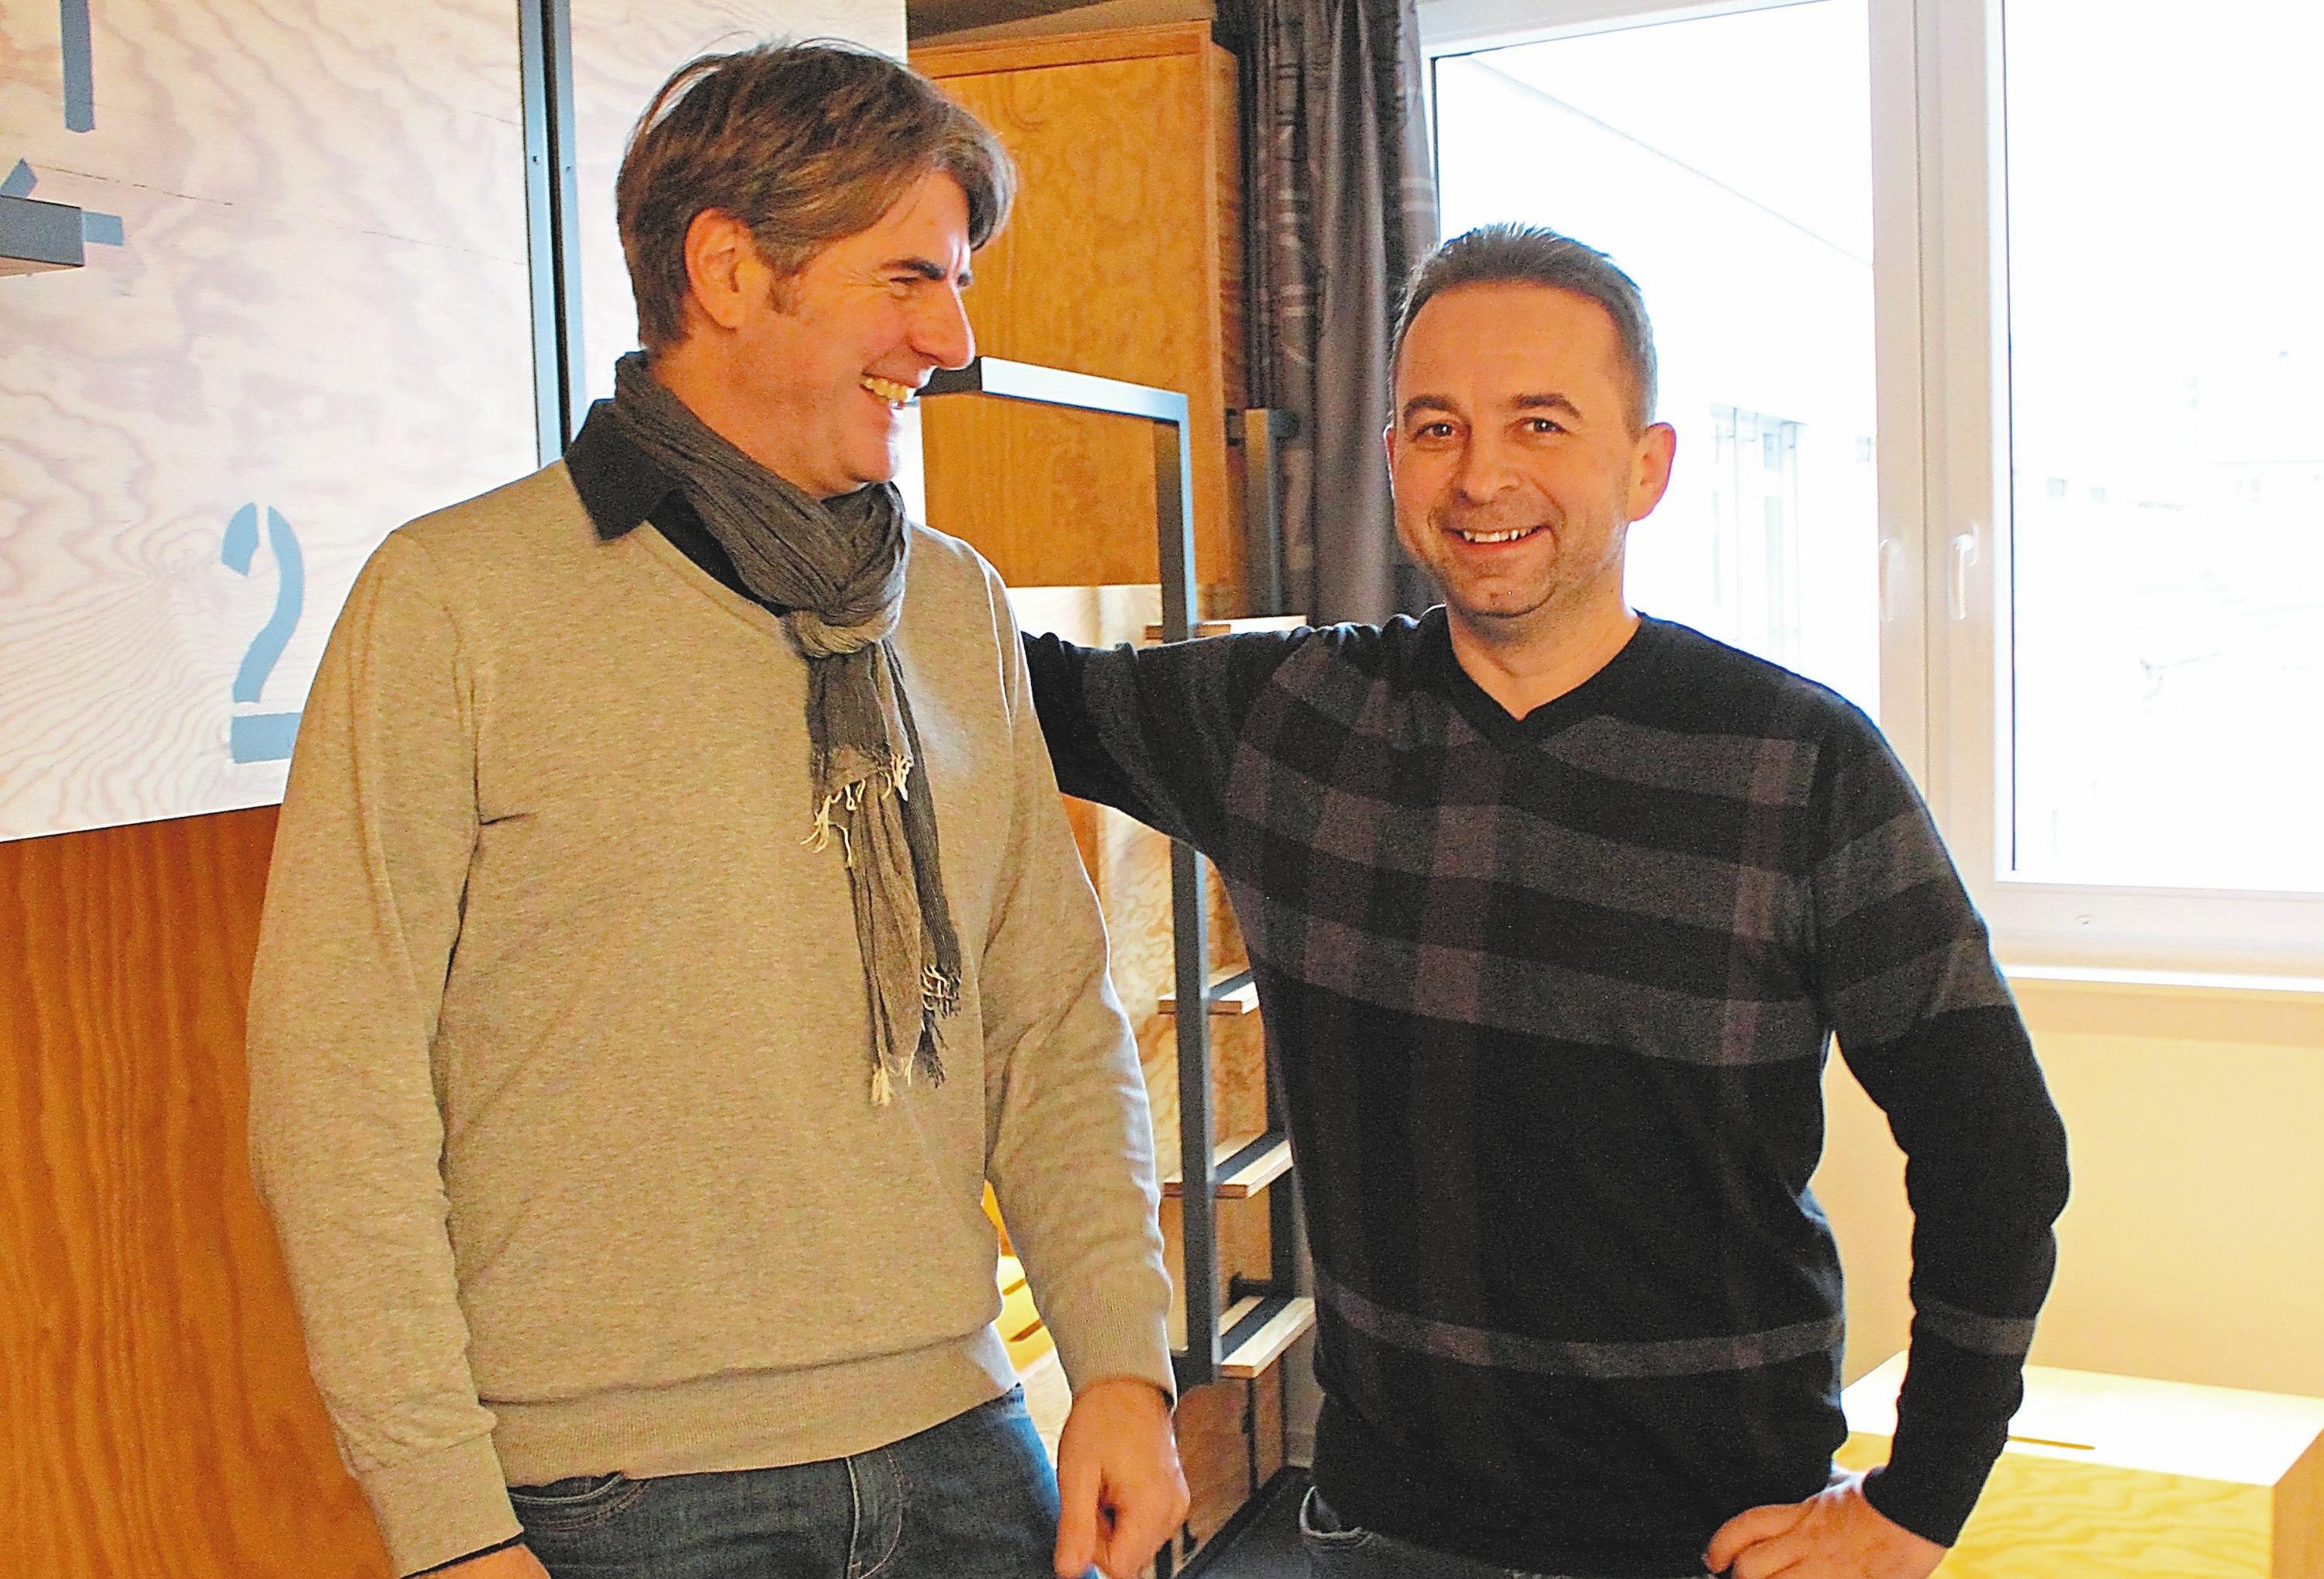 Architekt Dirk Kaminski (l.) und Bauleiter der Gruppe MDK Münster Alexander Keller zeichneten für den Umbau des Gebäudes am Verspoel 1 verantwortlich. Foto: kri